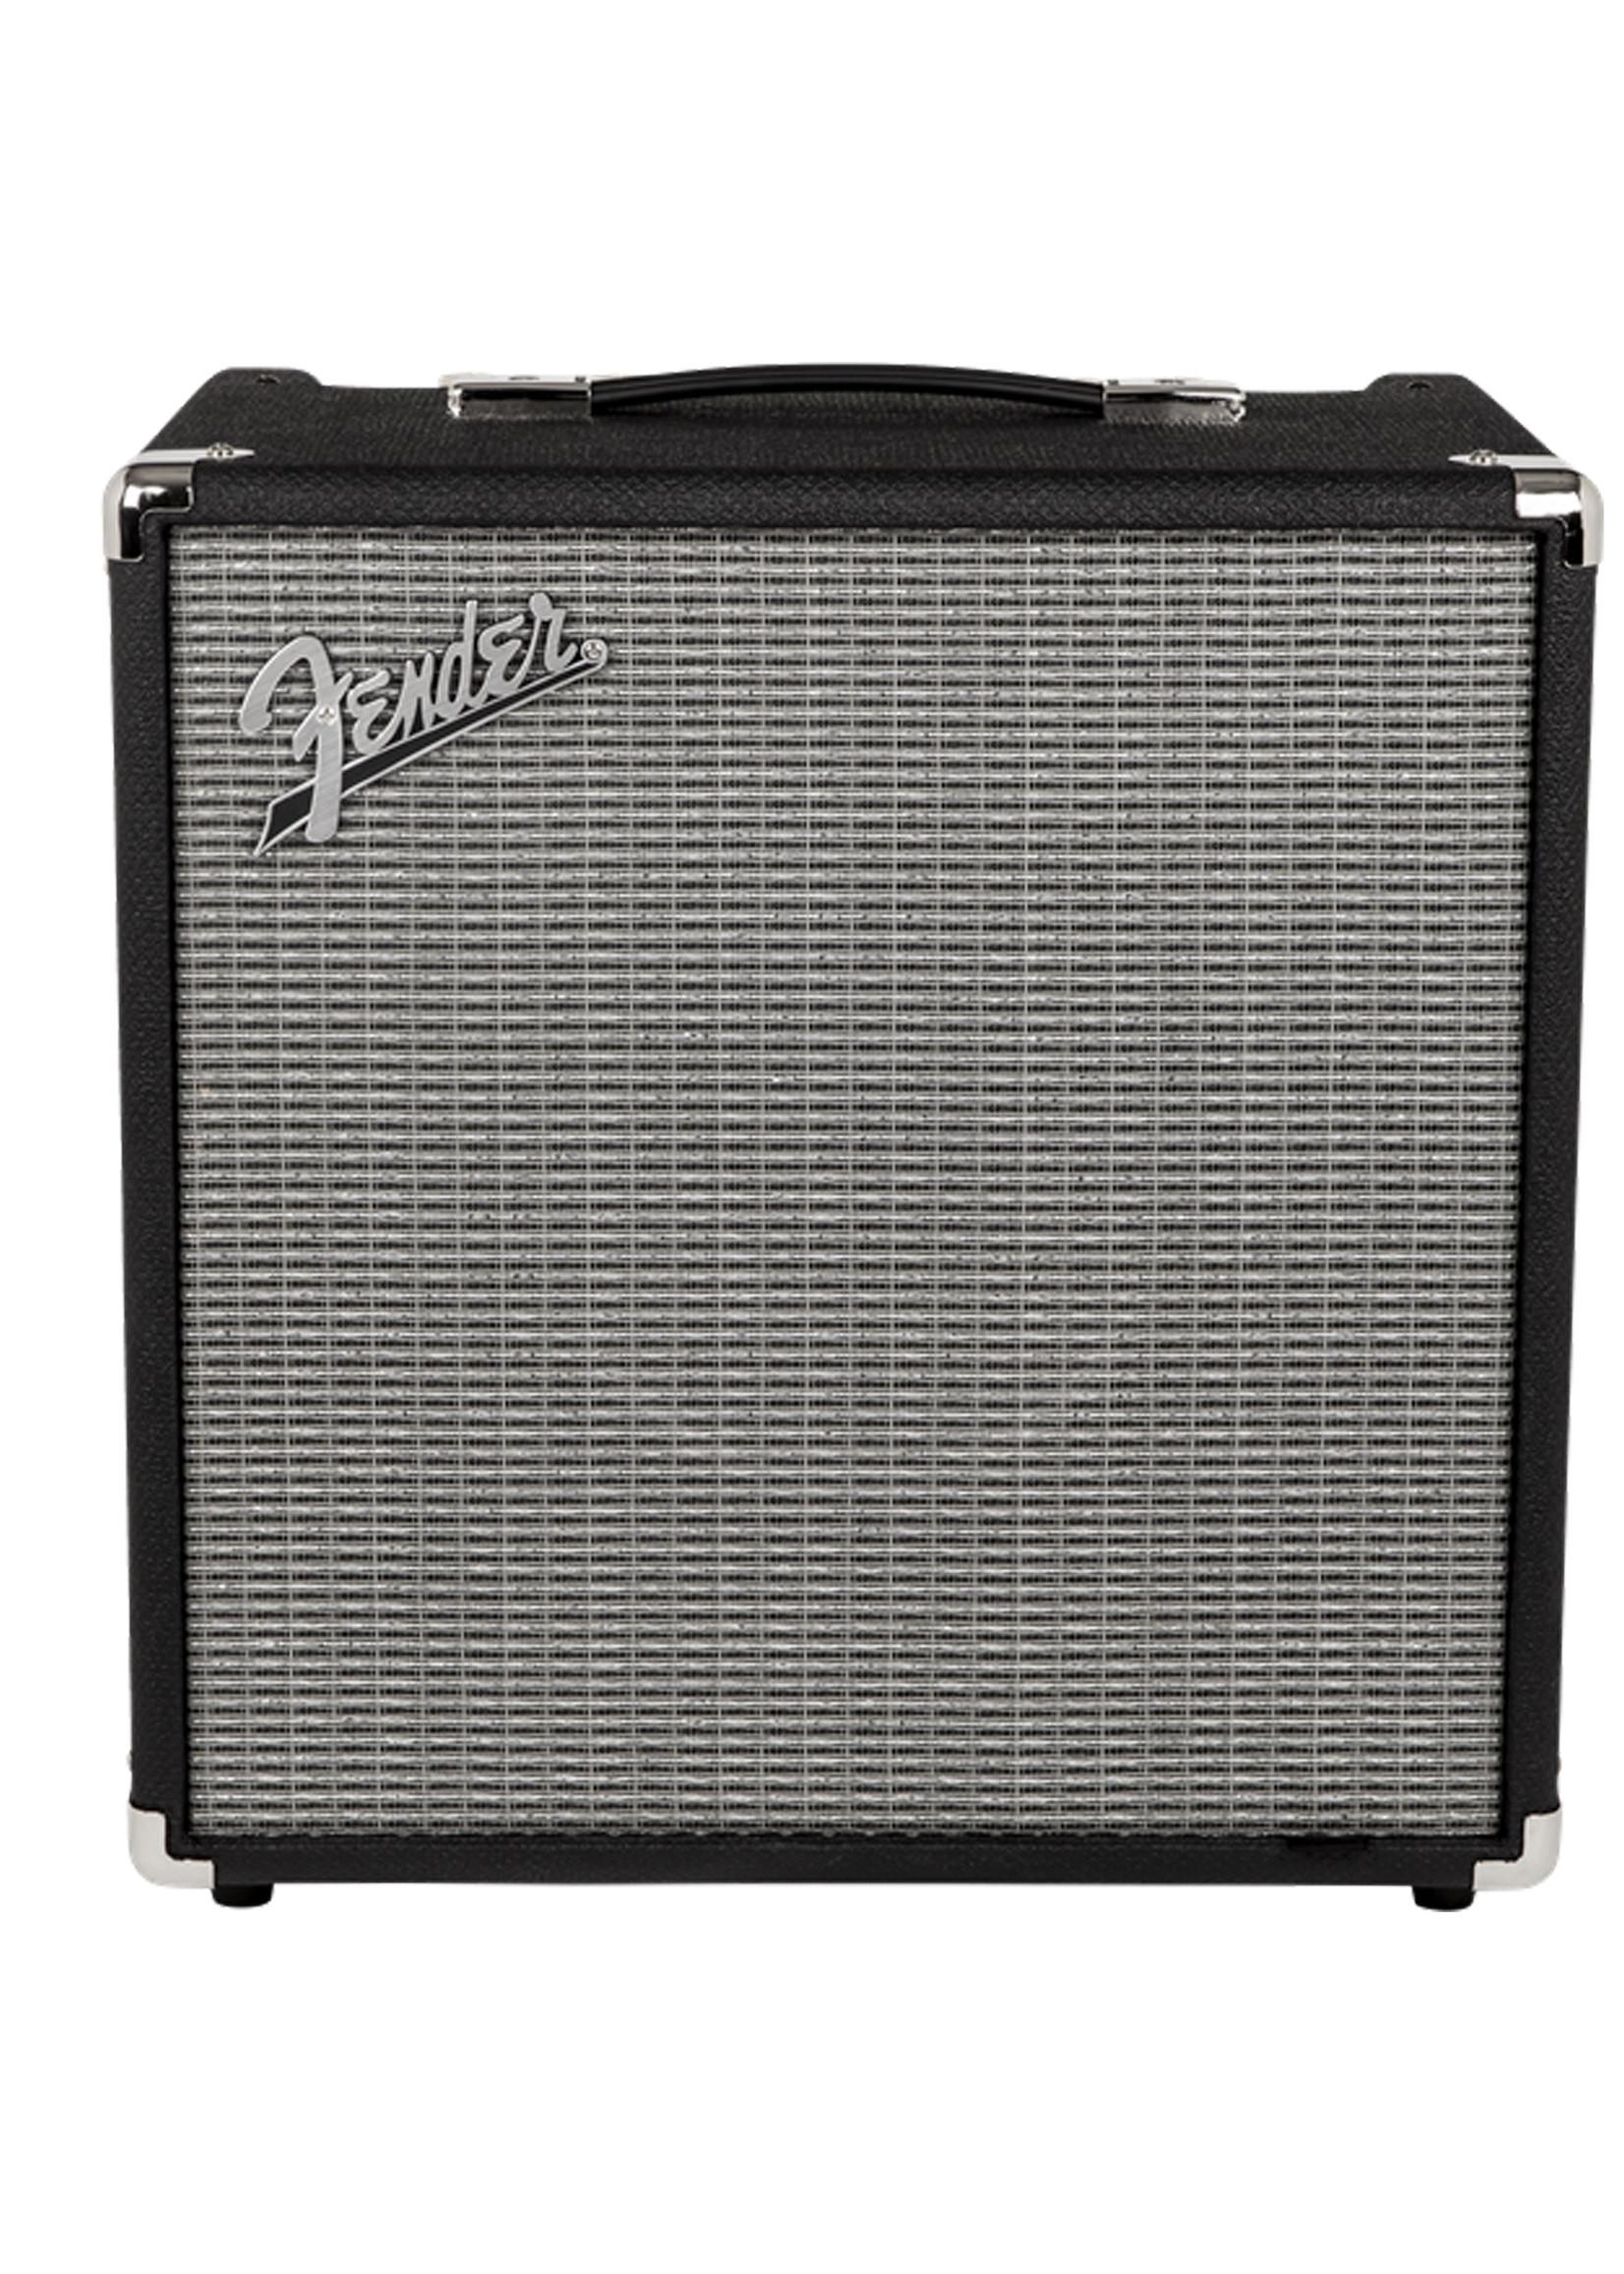 Fender Rumble 40